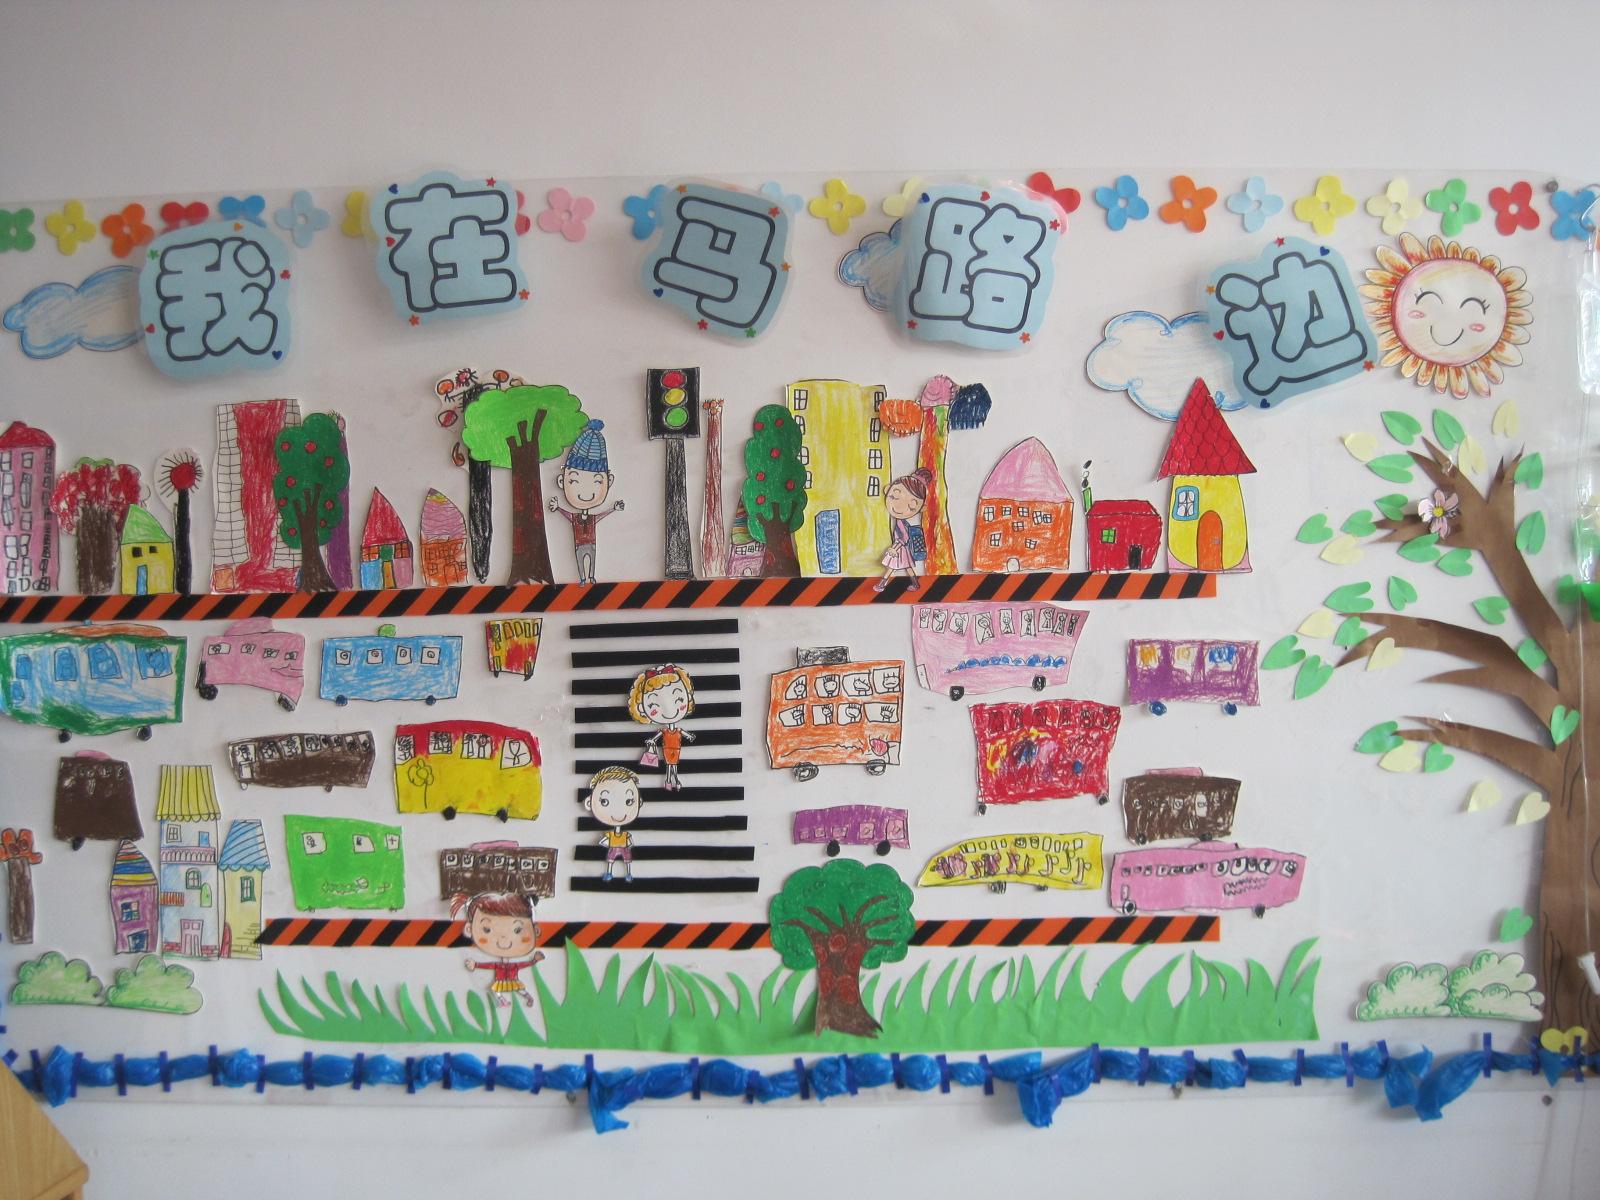 儿歌《开火车》 艺术:海陆空自由行(画各种交通工具) 建构:小动物坐